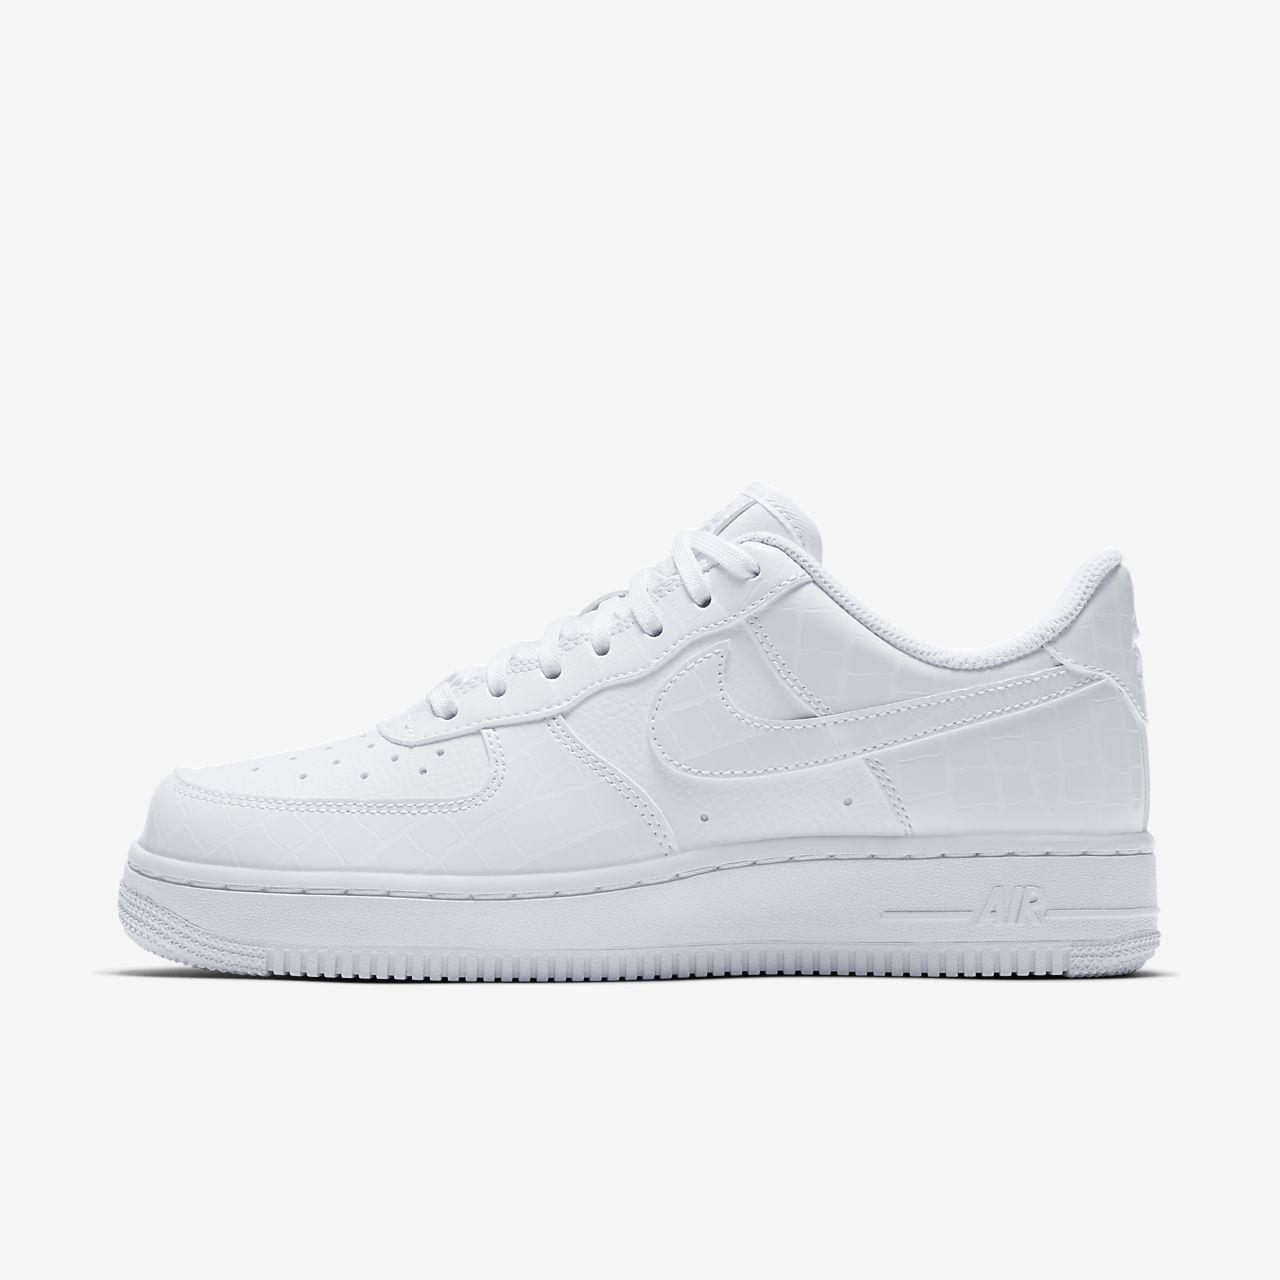 ... Nike Air Force 1 '07 Essential Damesschoen